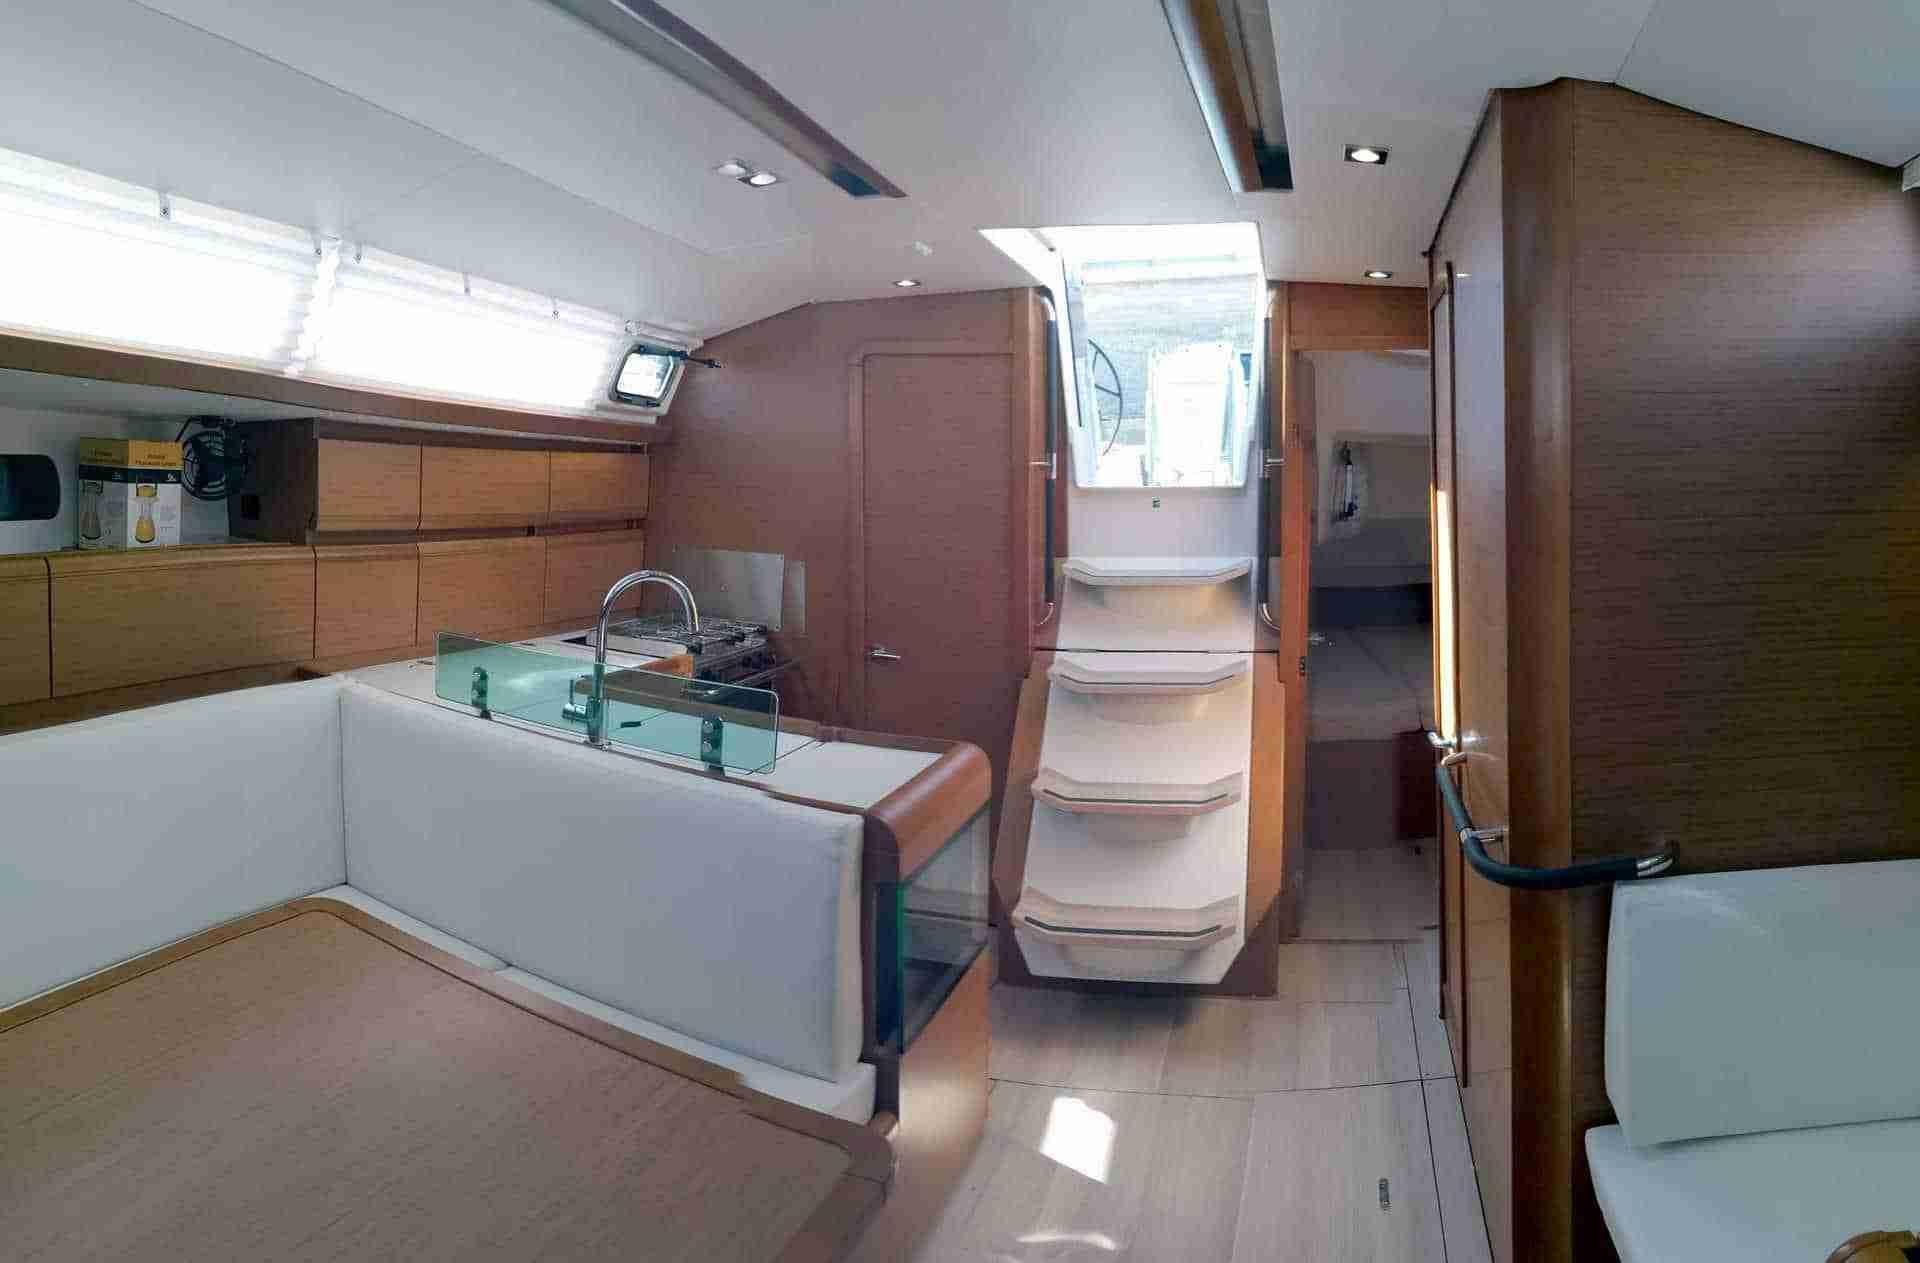 Sun Odyssey 449 - ARISAGHIA | Flotta di Vela Dream 4